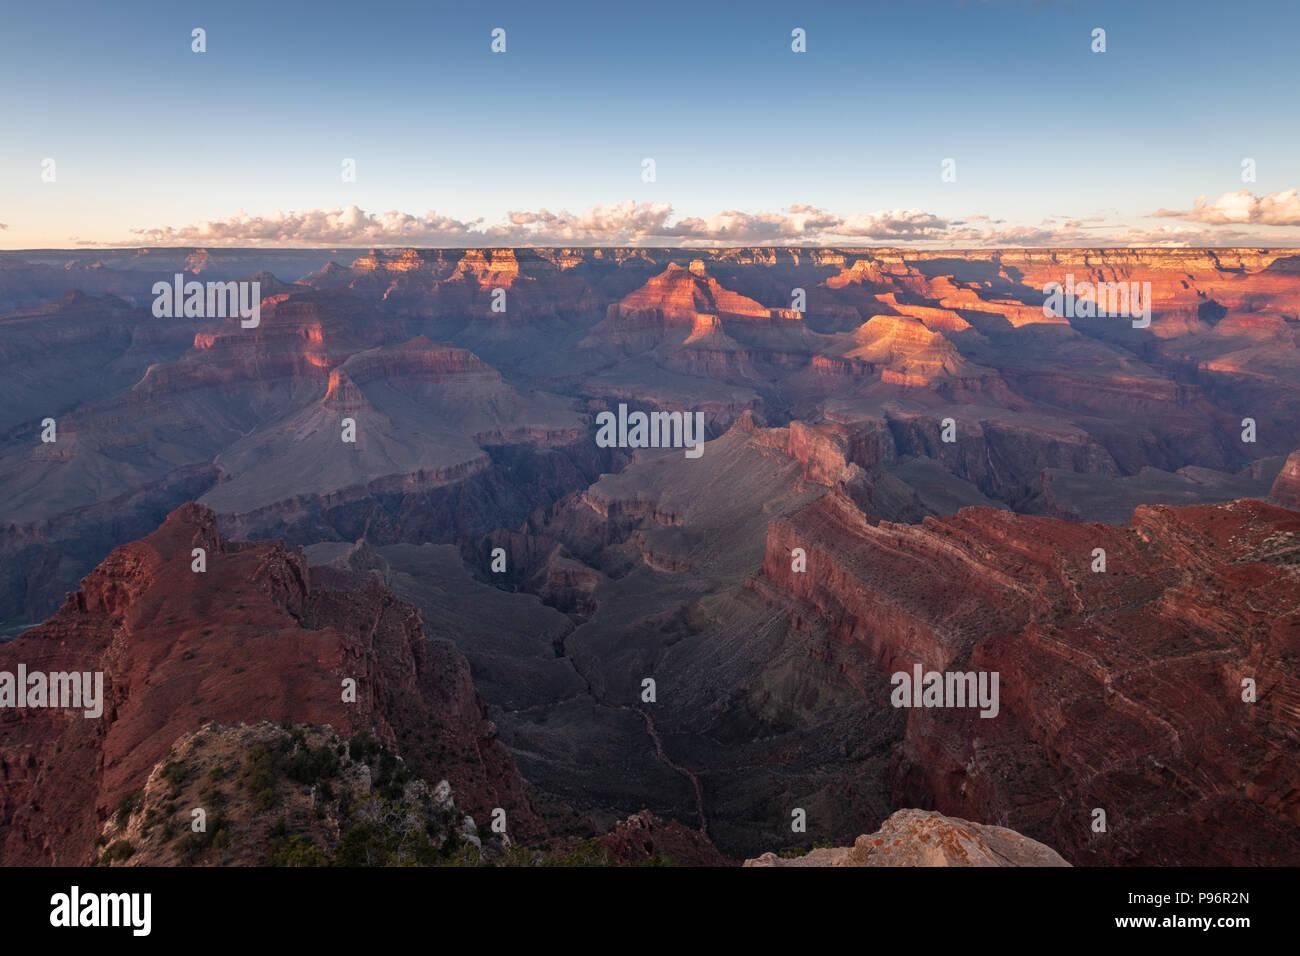 Atardecer en el Gran Cañón Mohave Point en una soleada tarde de otoño Imagen De Stock